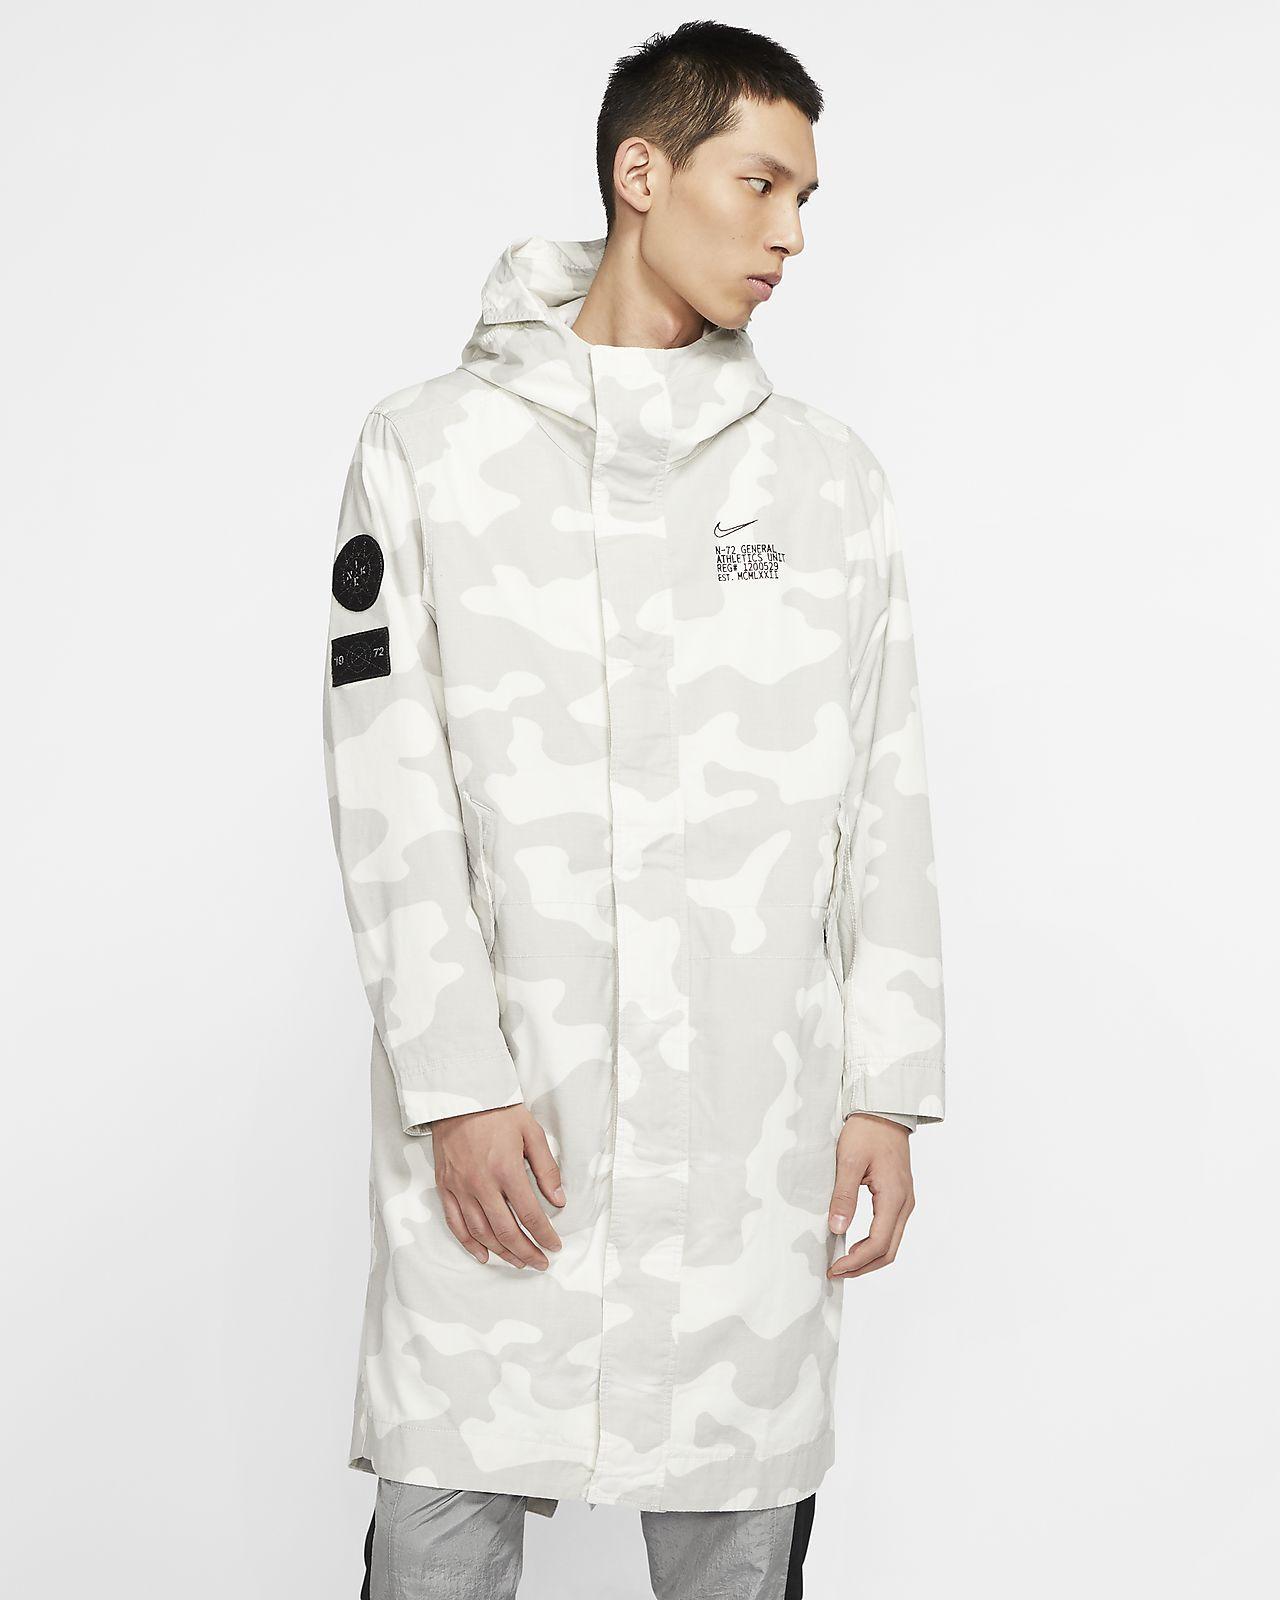 Nike Sportswear 男子外套